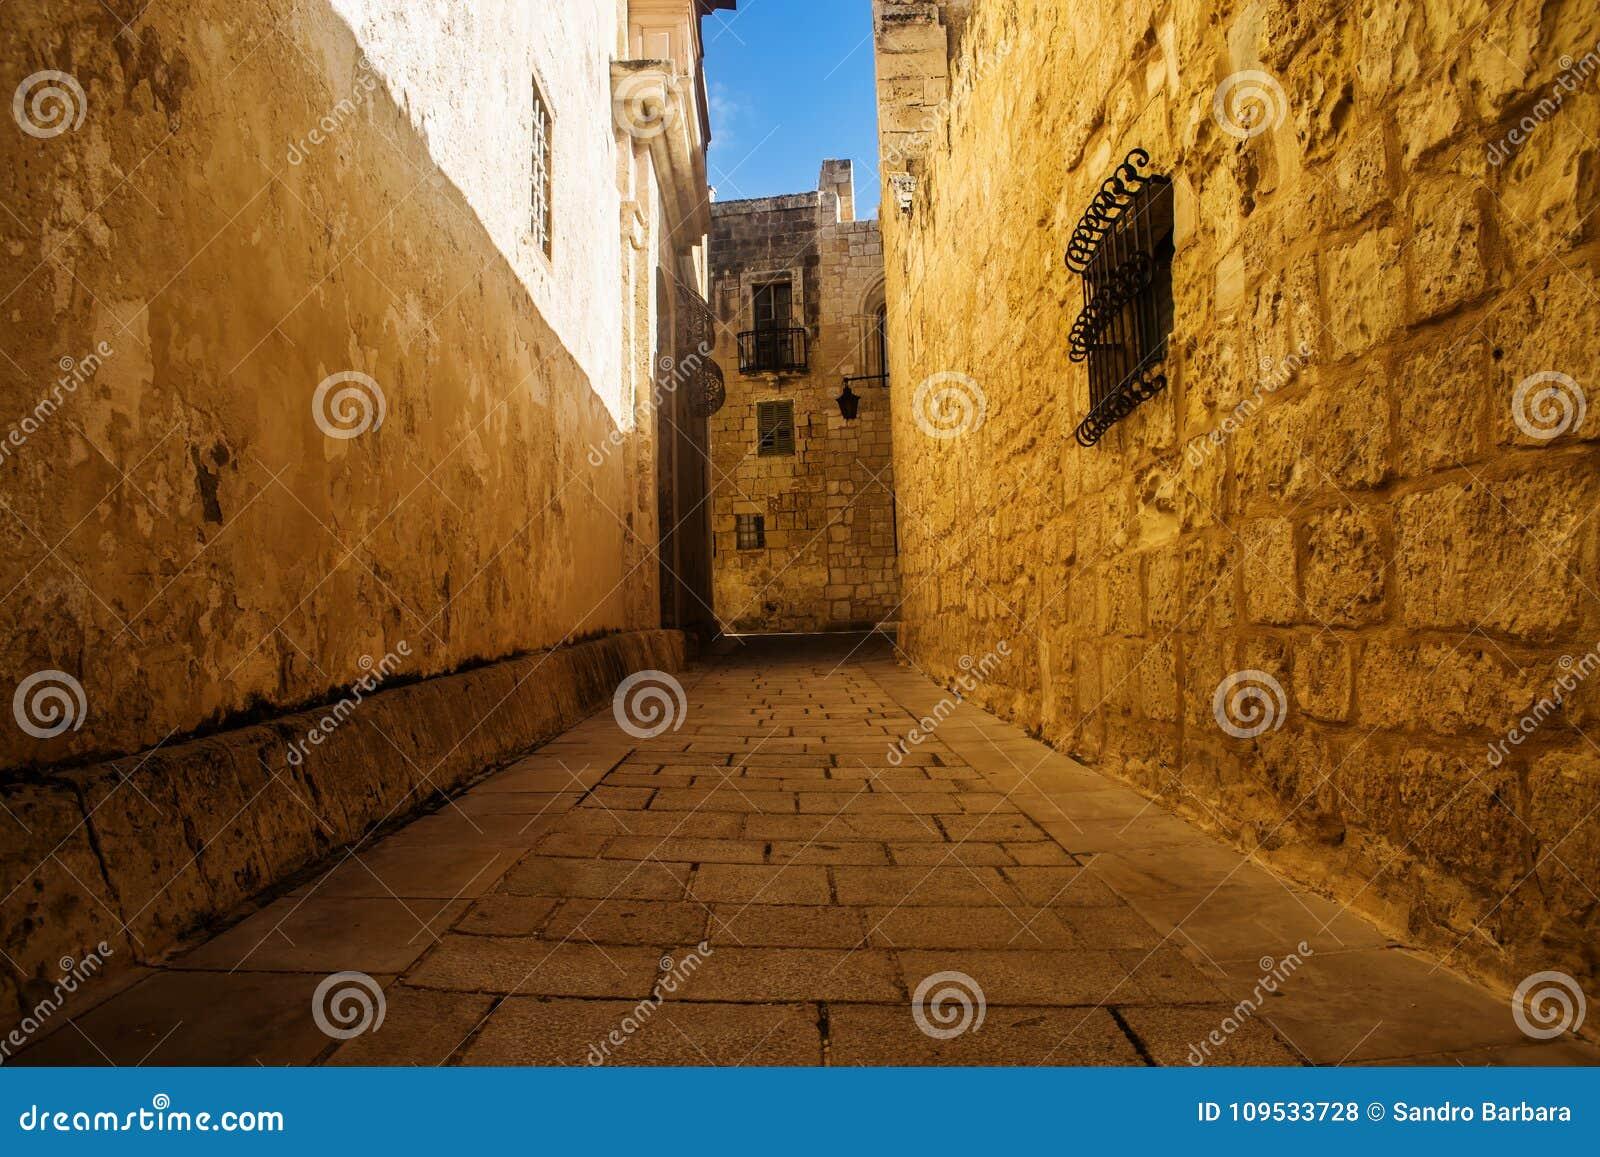 Die goldene Straße in Mdina